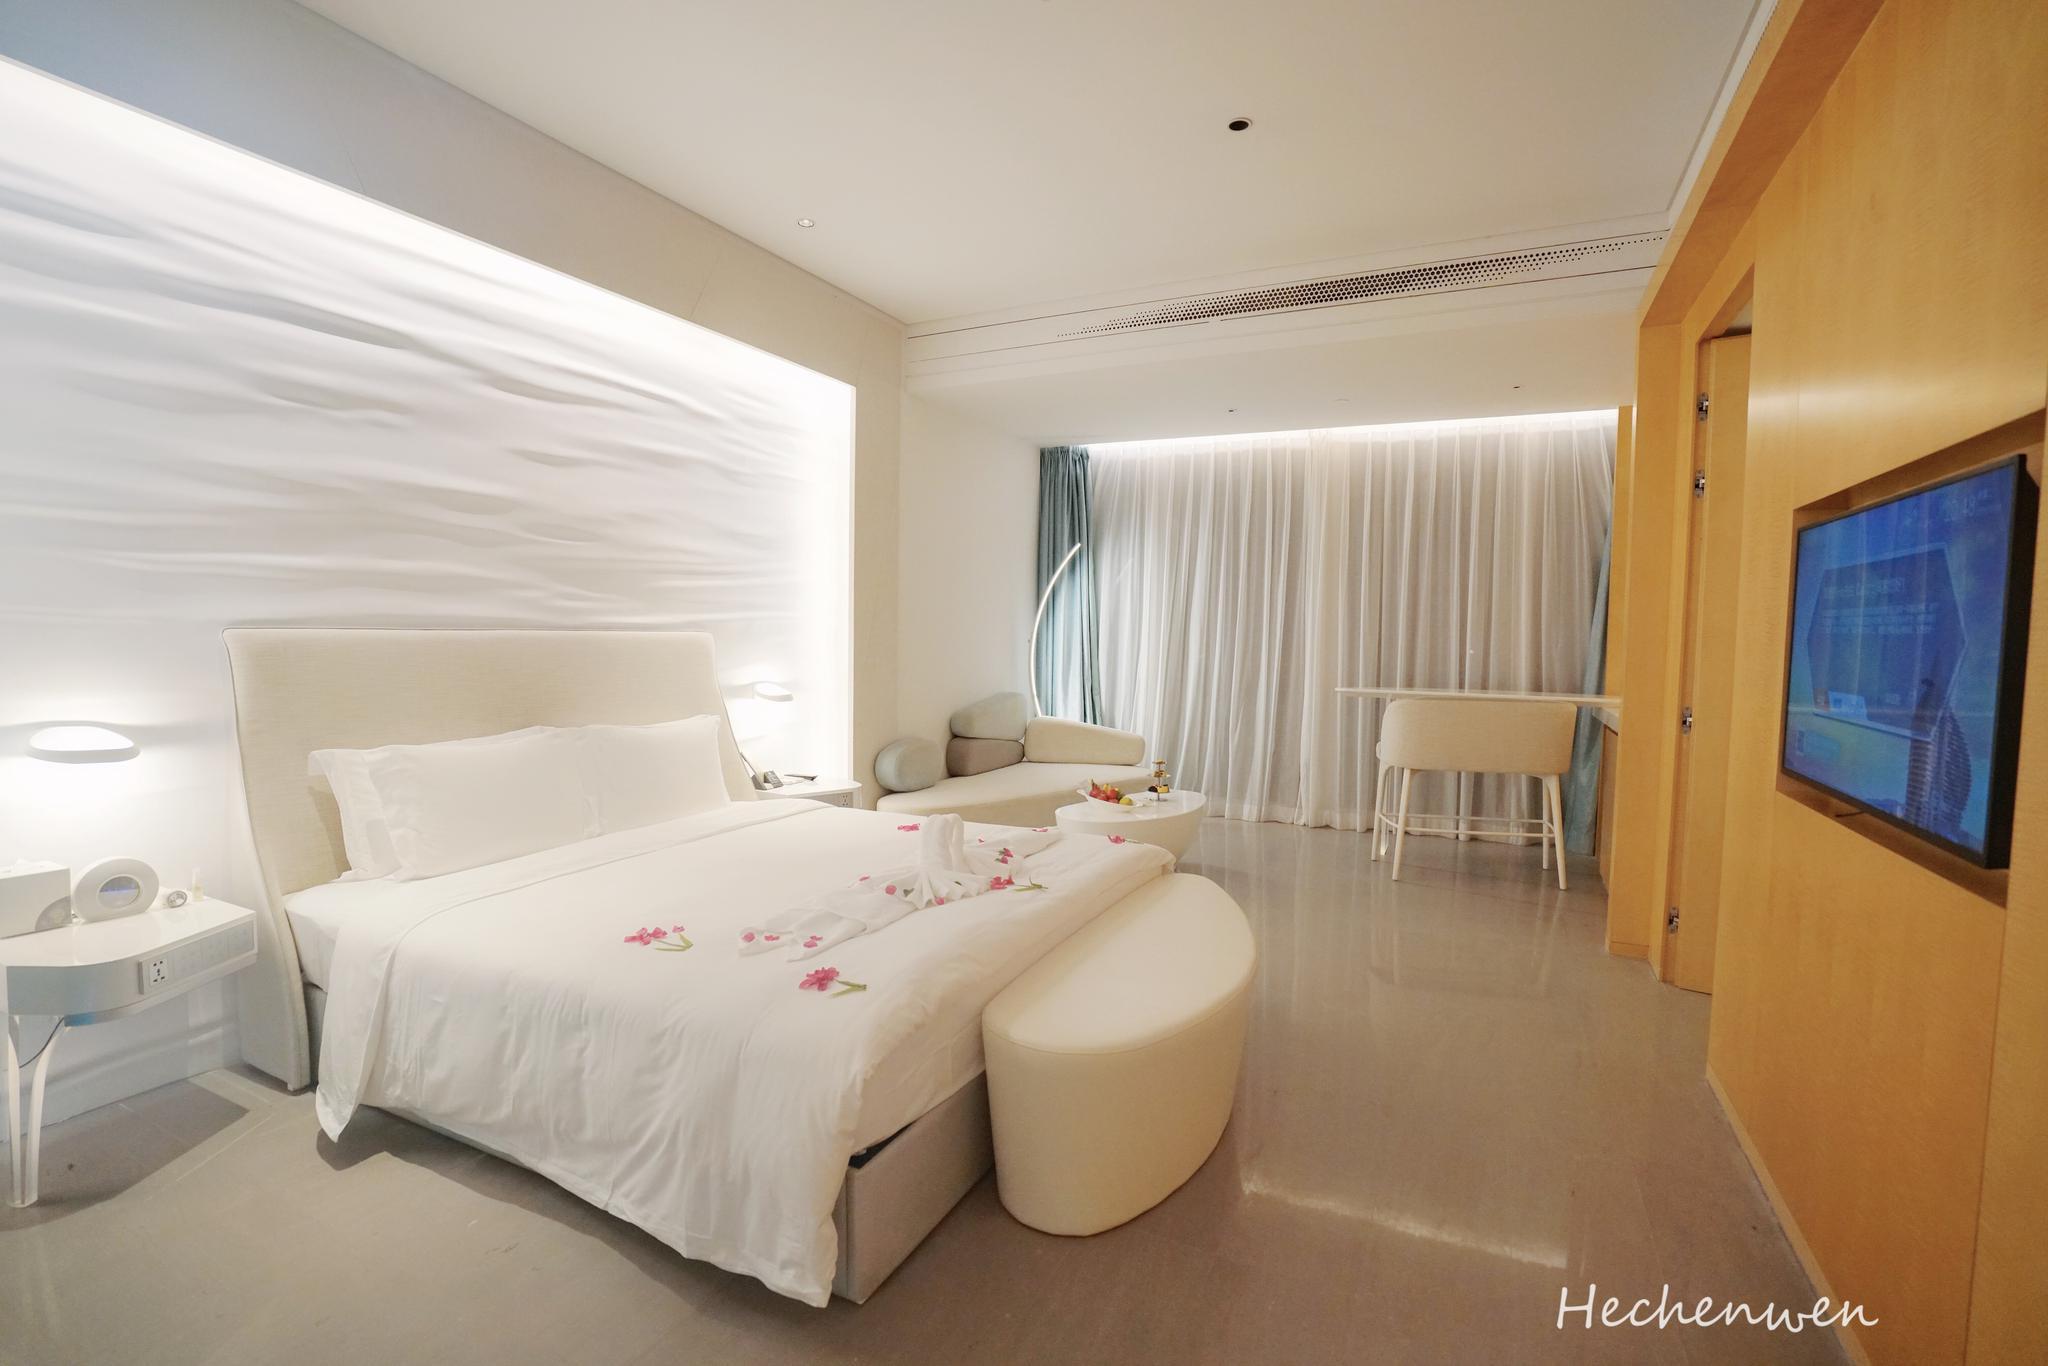 三亚七星级酒店,外形犹如一座帆船,躺在房间像在坐邮轮